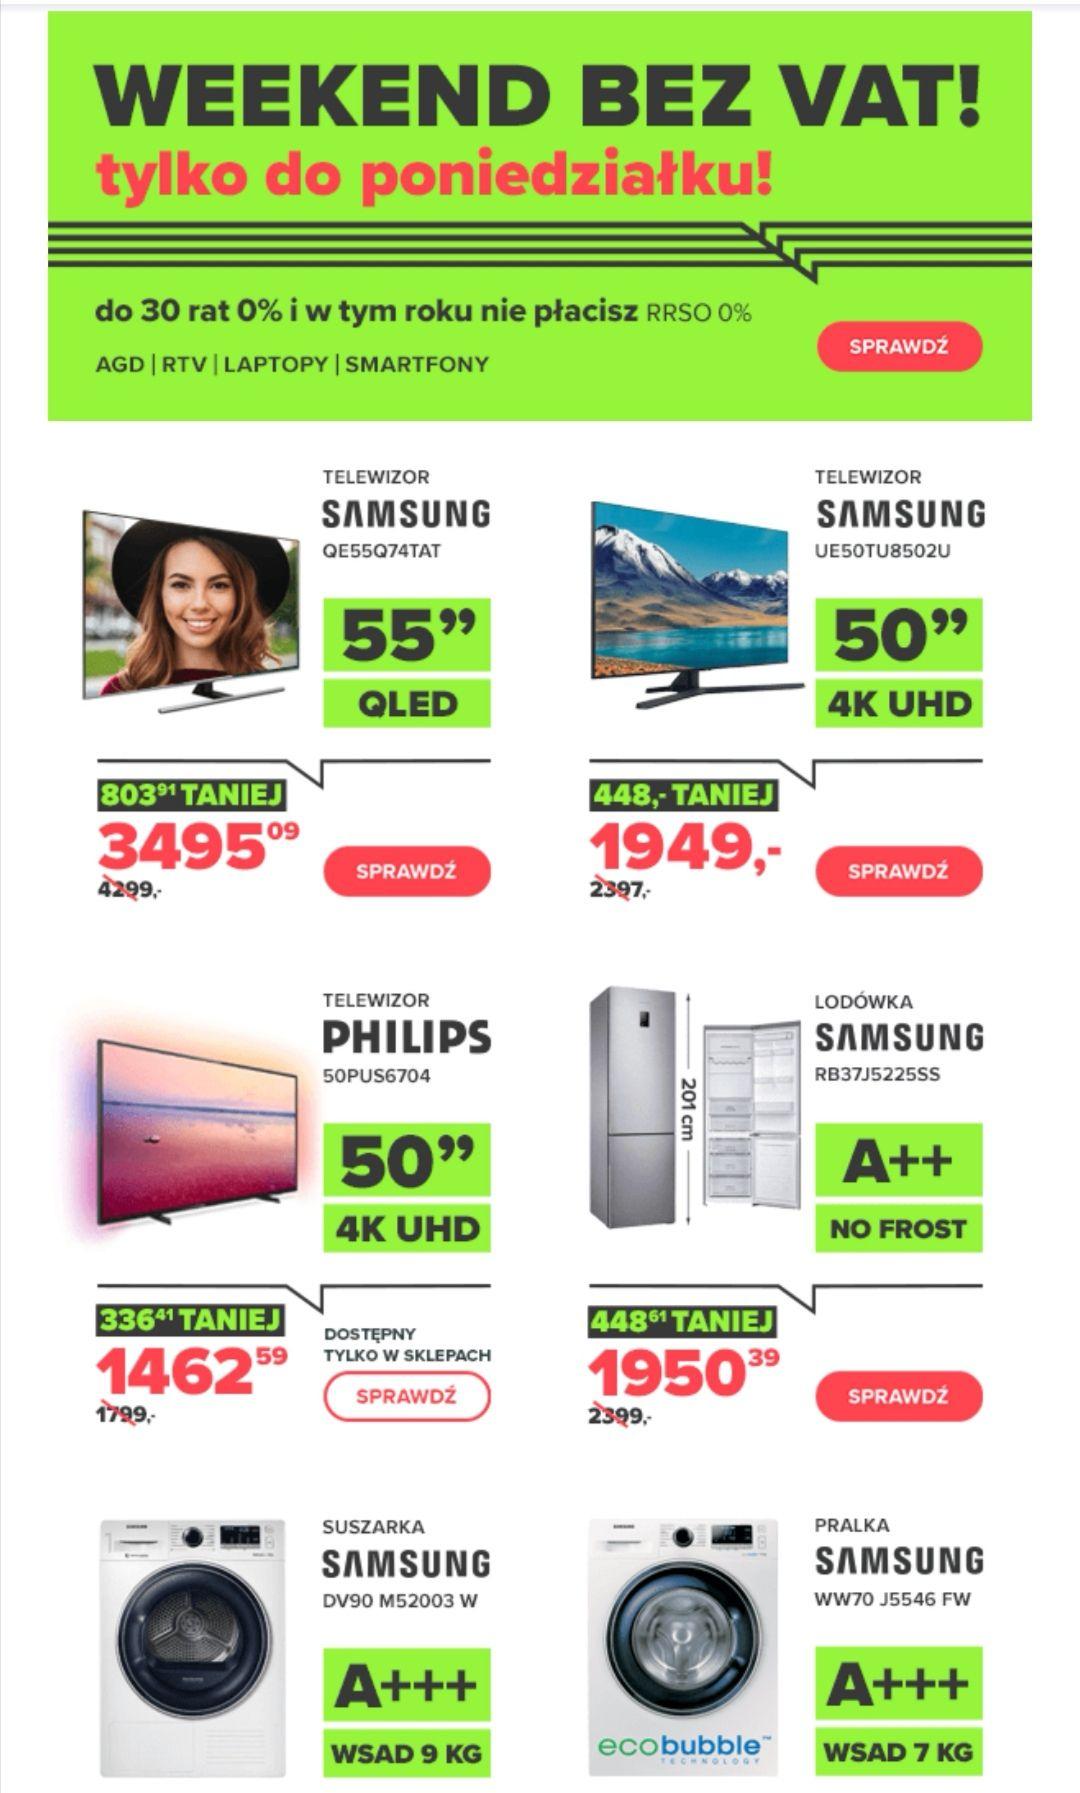 Weekend bez VAT w Neonet, m. in. Telewizor Phillips 50PUS6704